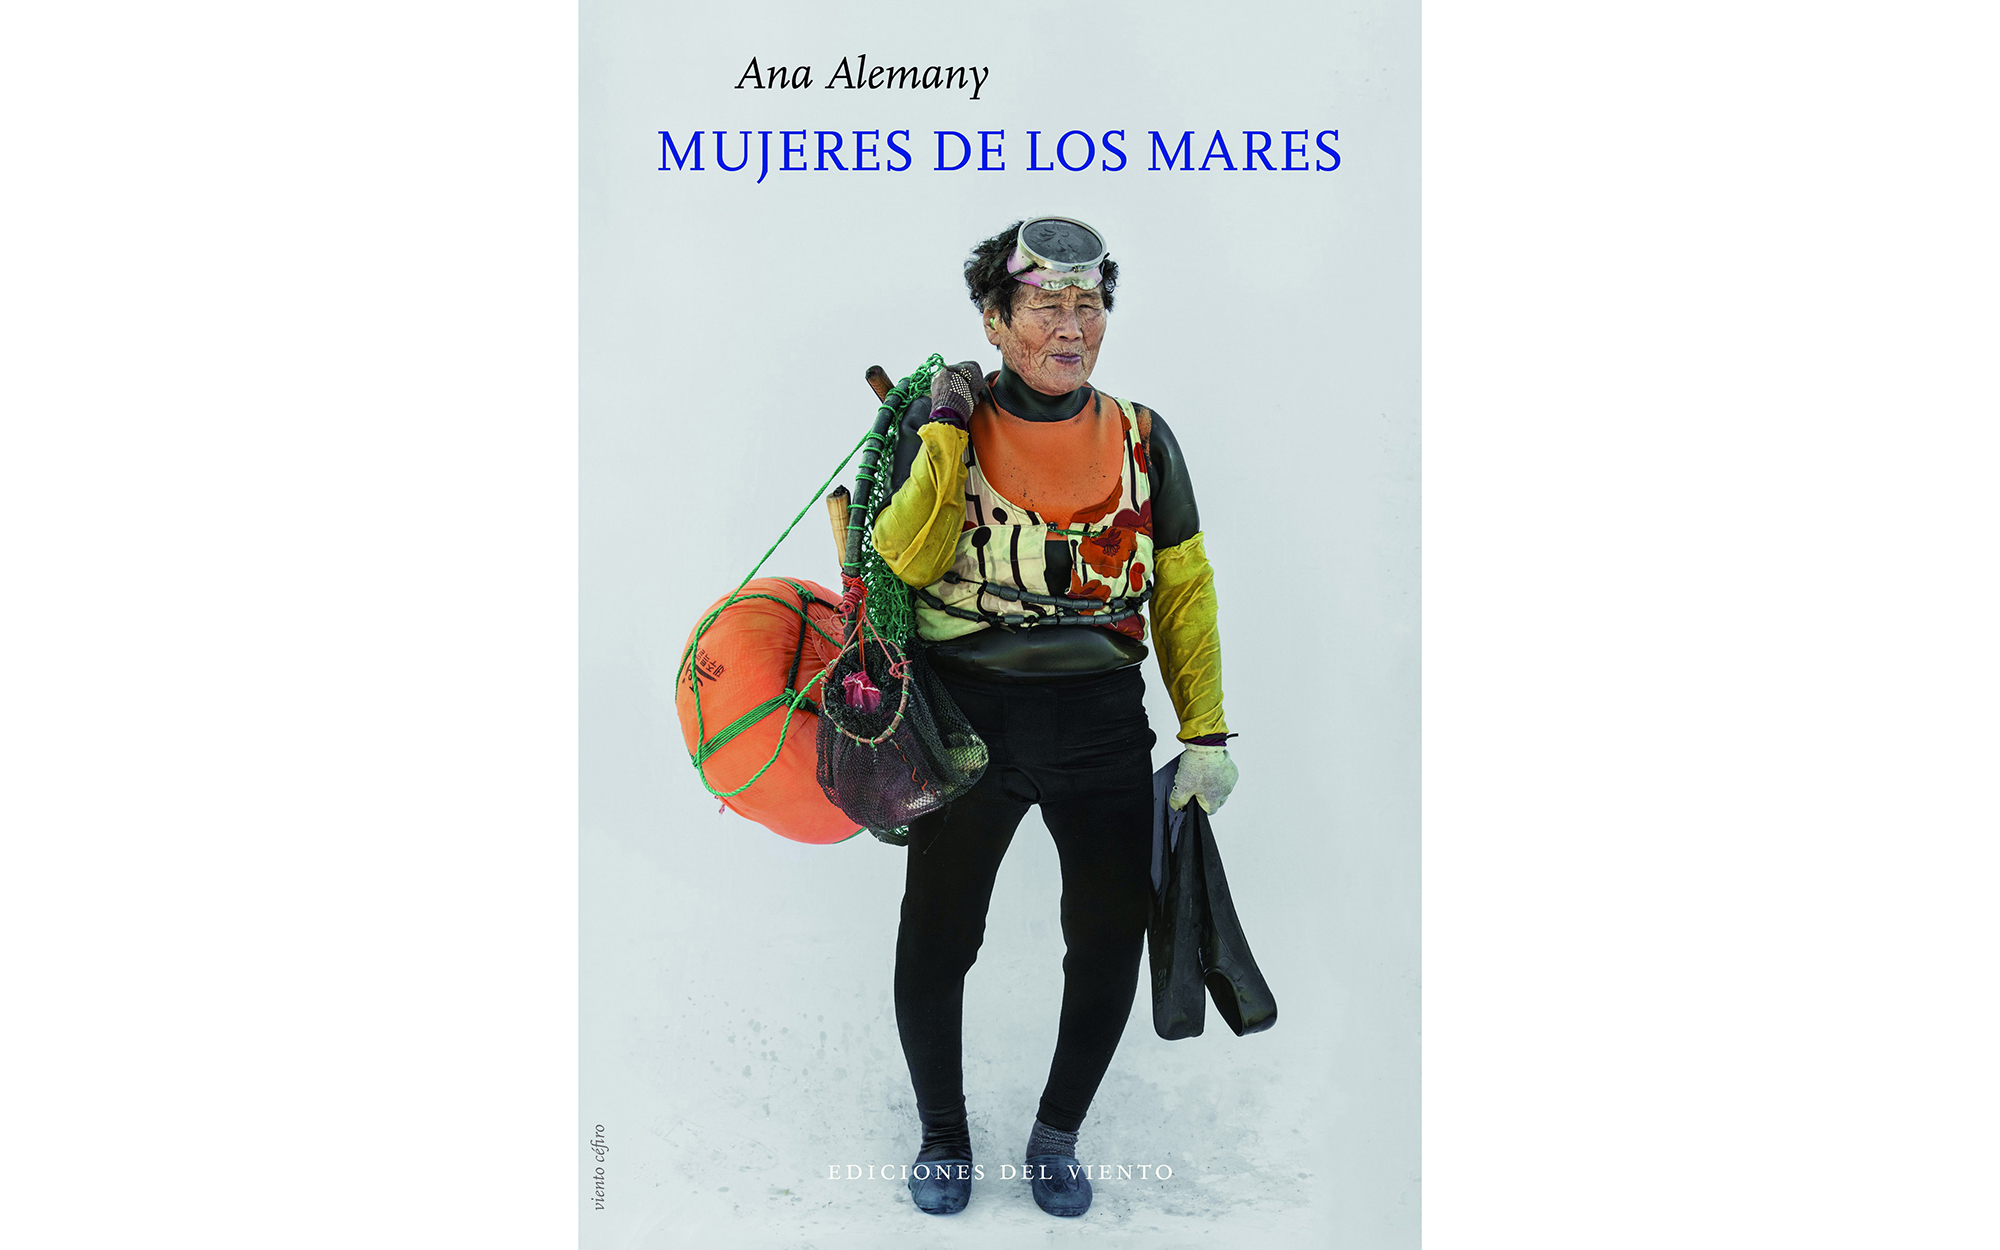 MUJERES DE LOS MARES, UN LIBRO NECESARIO, Por Ana Alemany